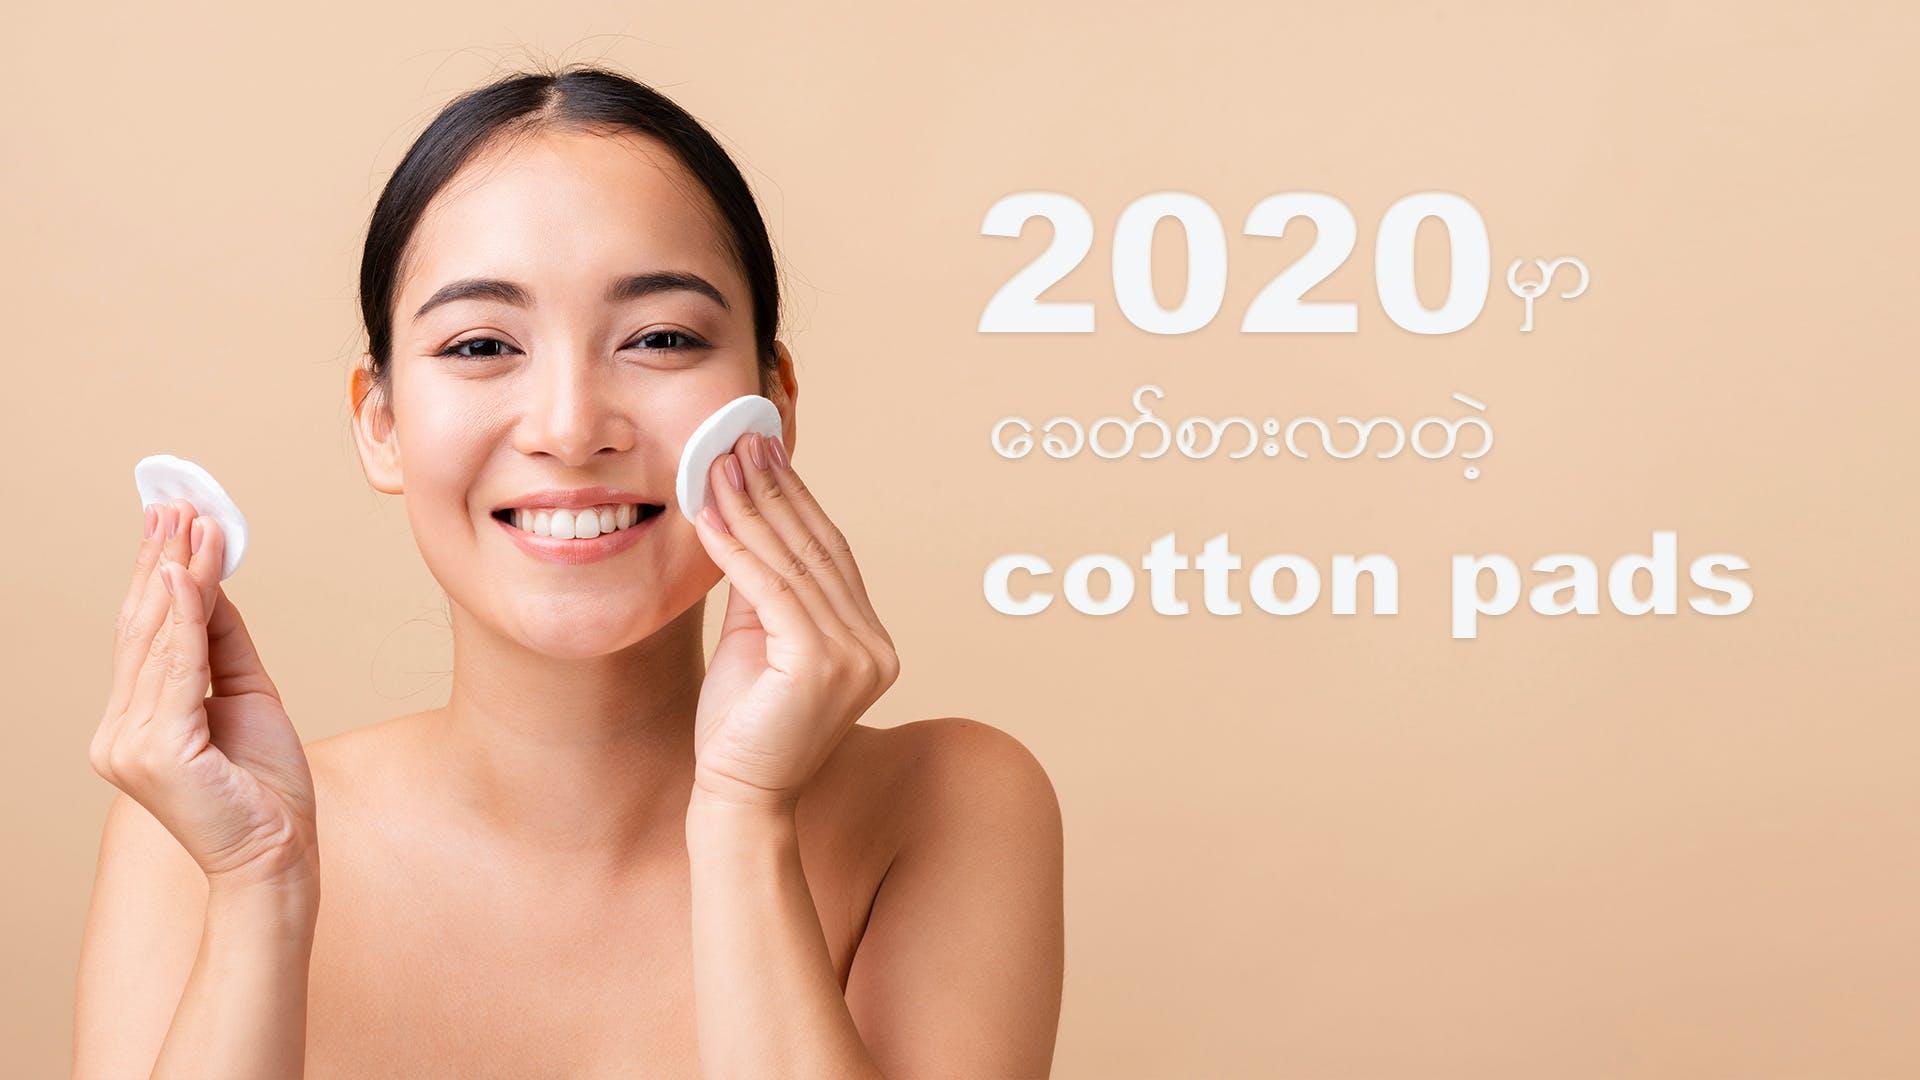 ၂၀၂၀ မှာ ခေတ်စားလာပြီး ပြန်လည်အသုံးပြုနိုင်တဲ့ Makeup remover